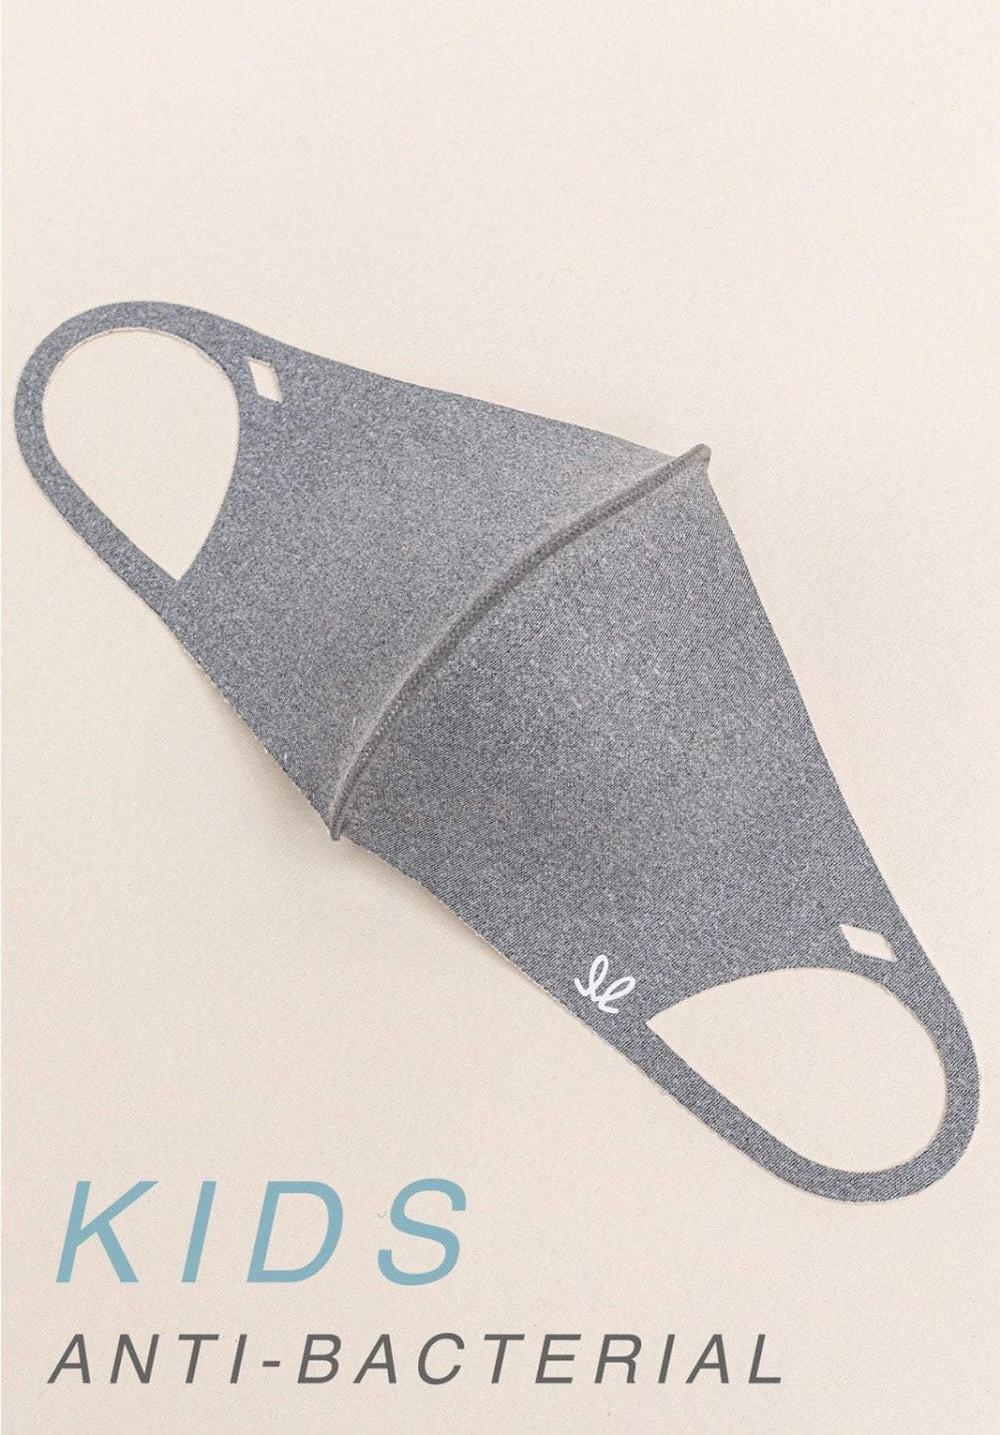 韓國兒童防疫口罩 防細菌和防氣味